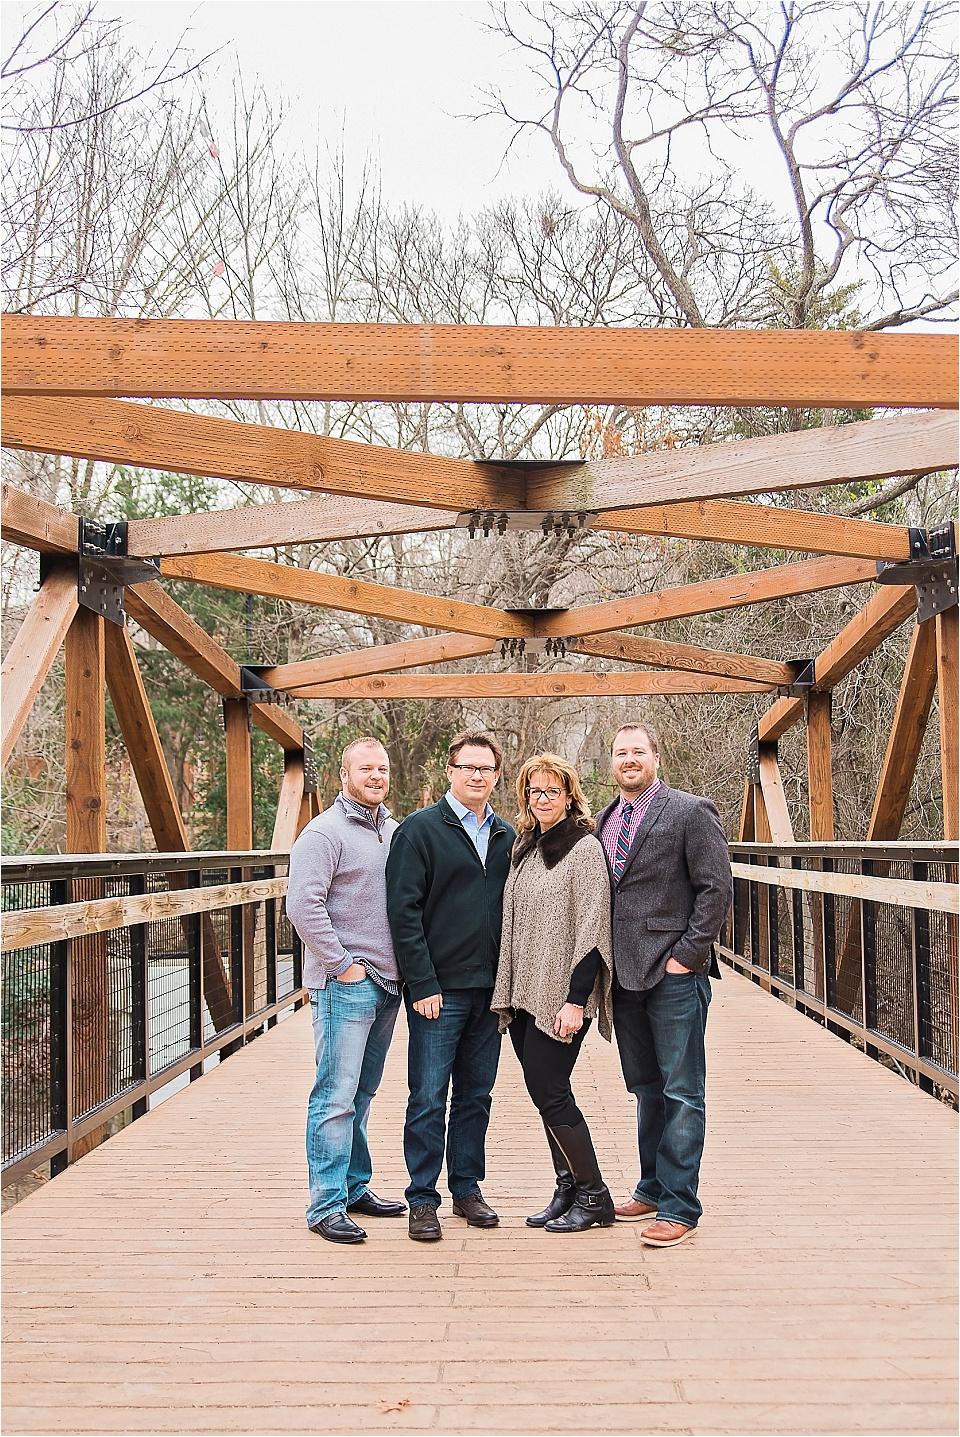 Richardson TX Extended Family Session